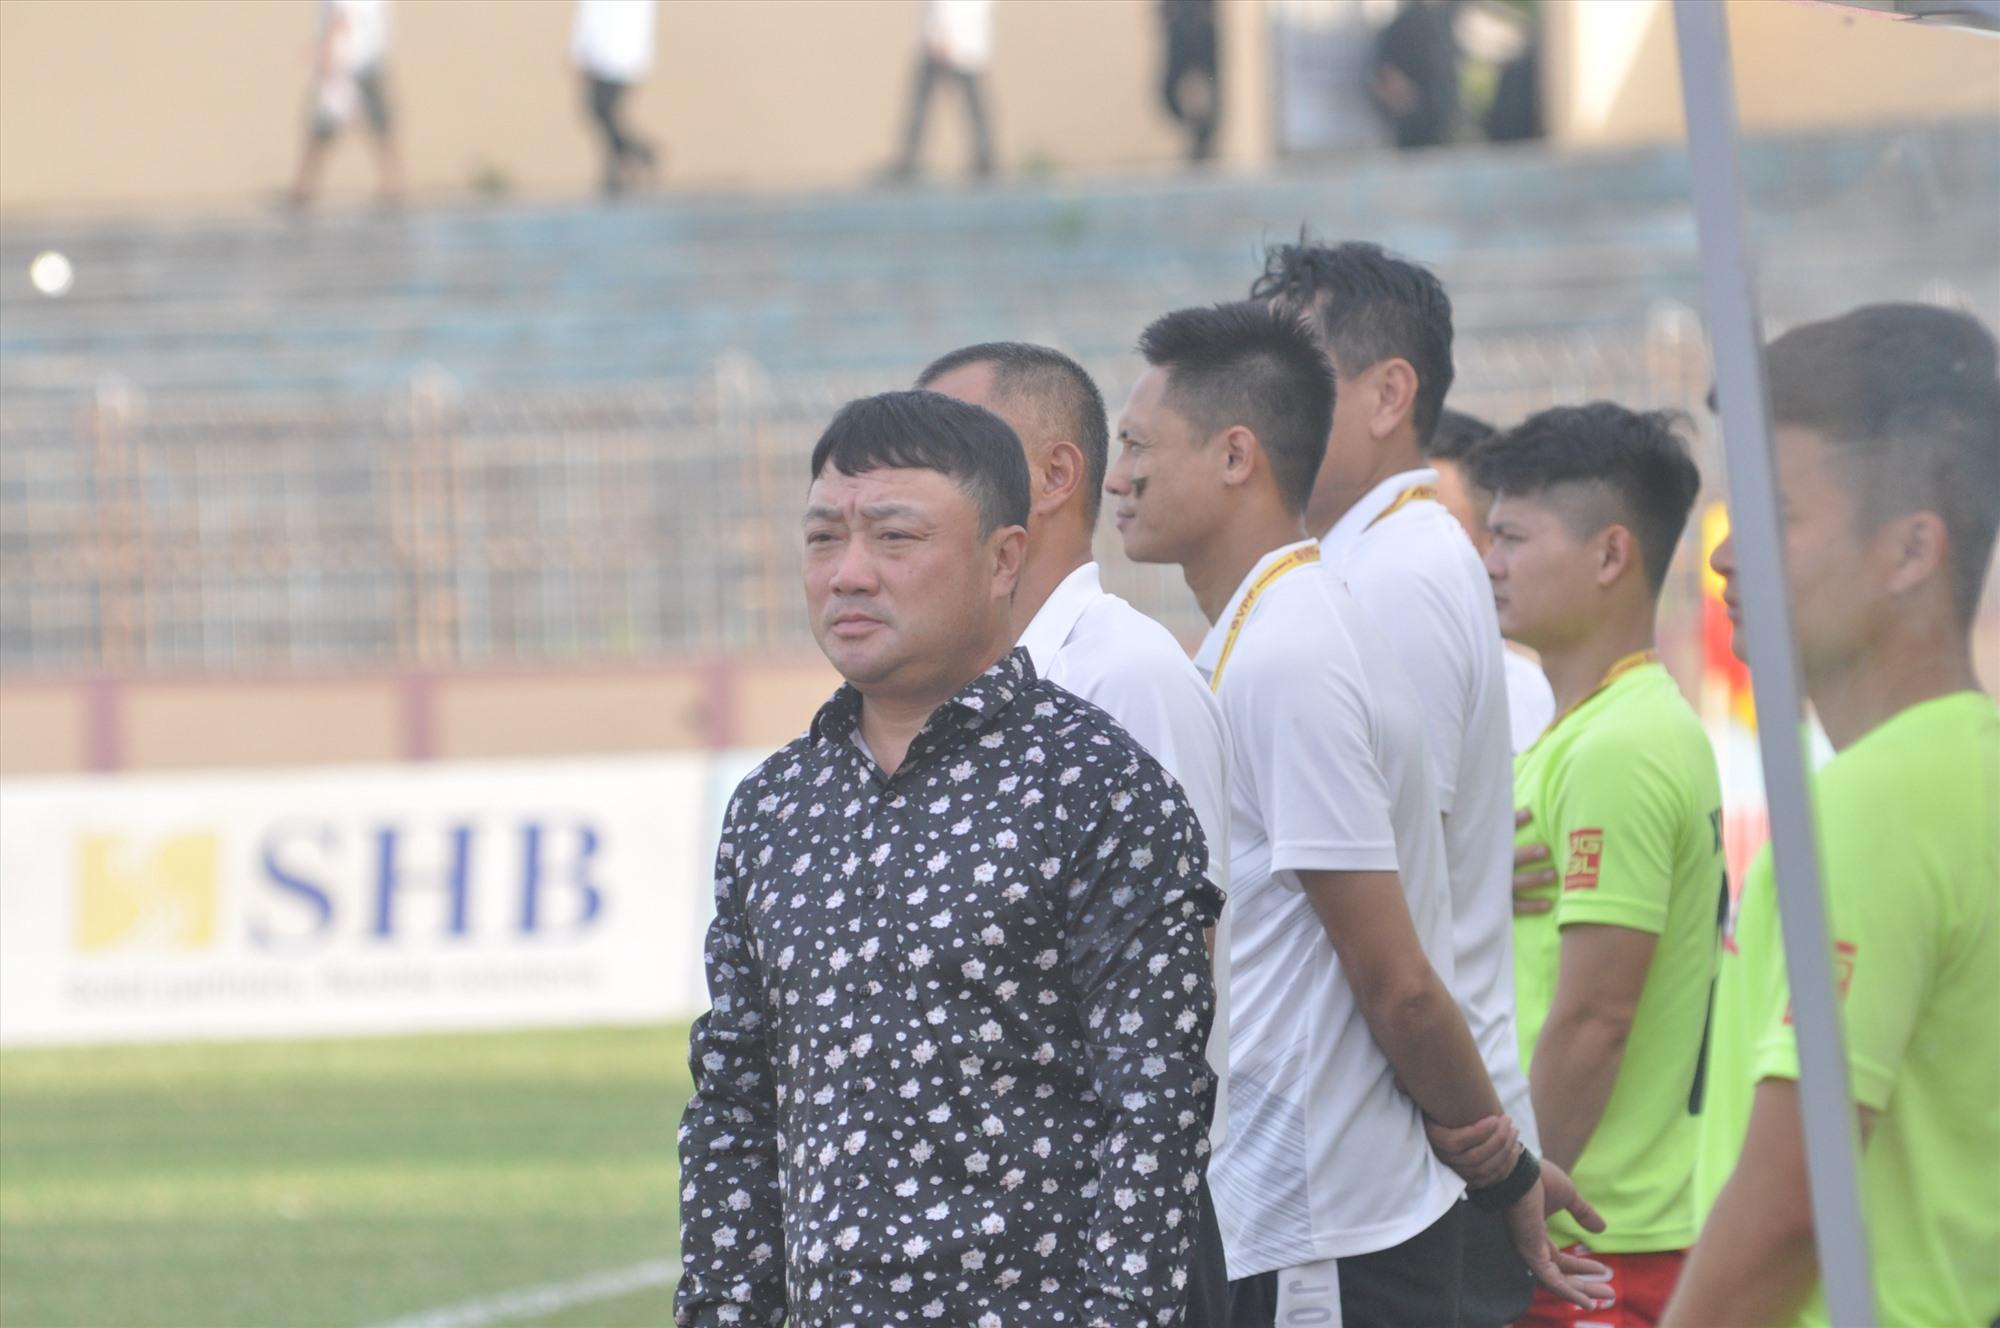 HLV Trương Việt Hoàng chịu không ít áp lực khi dẫn dắt Viettel mùa giải 2020. Ảnh: A.S